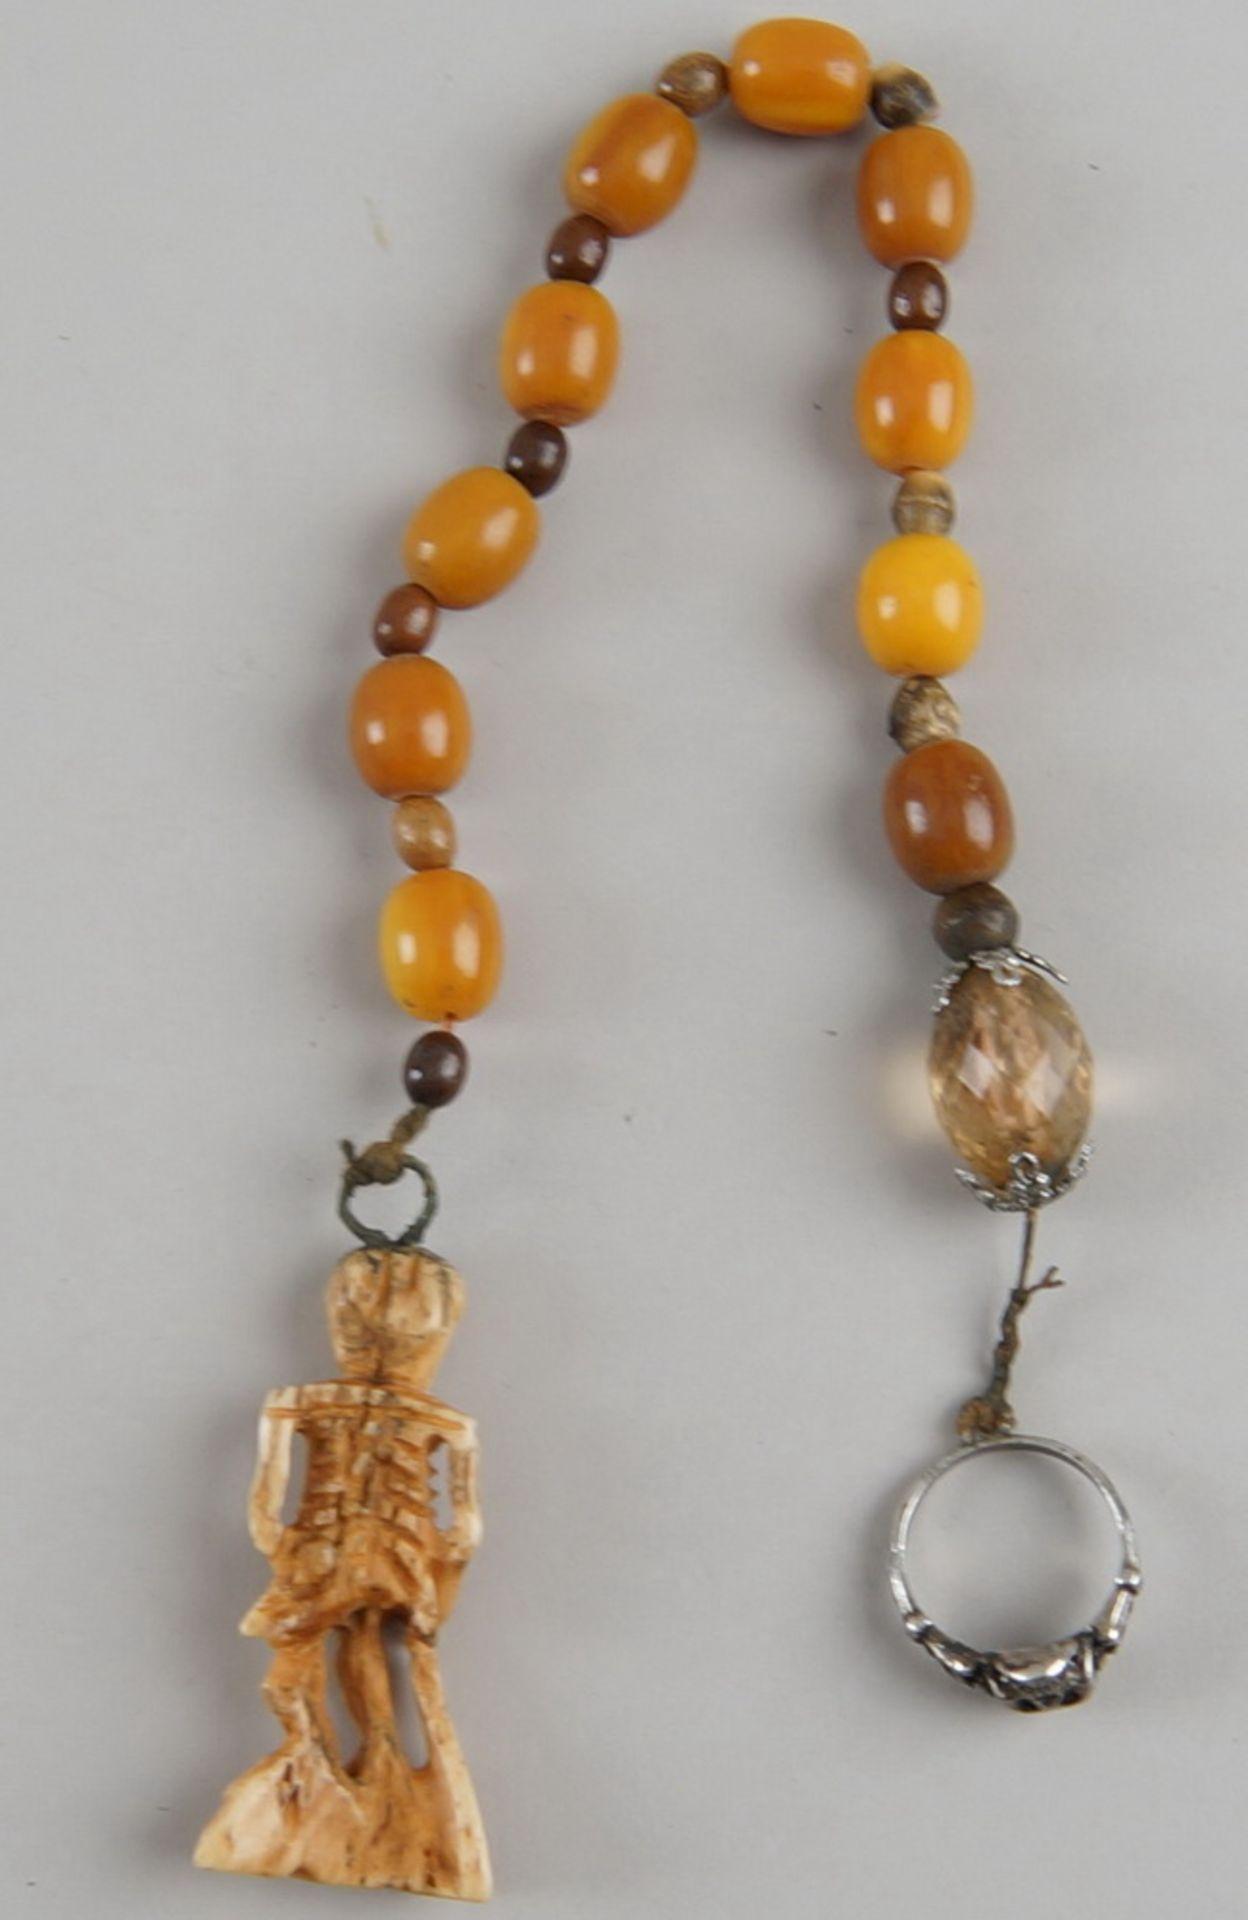 Los 40 - Faulenzer / Zehner Gebetskette mit Silberring und in Bein geschnitztem Skelett, einenTotenkopf